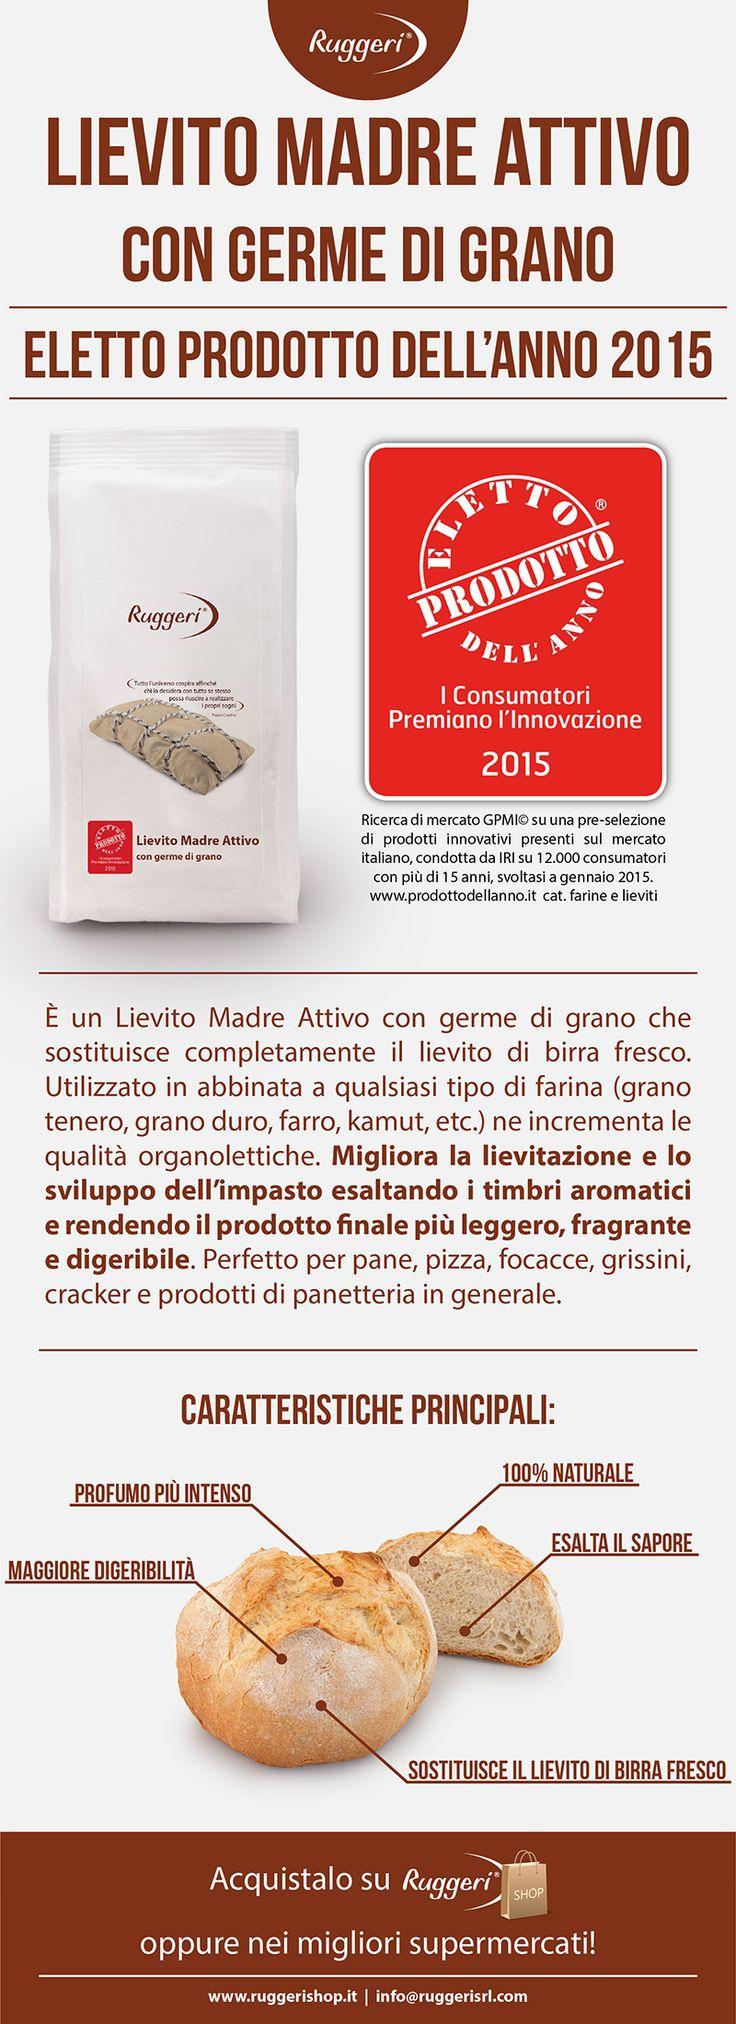 Lievito Madre Attivo con germe di grano - Eletto Prodotto dell'Anno http://www.prodottodellanno.it http://www.ruggerishop.it/it/